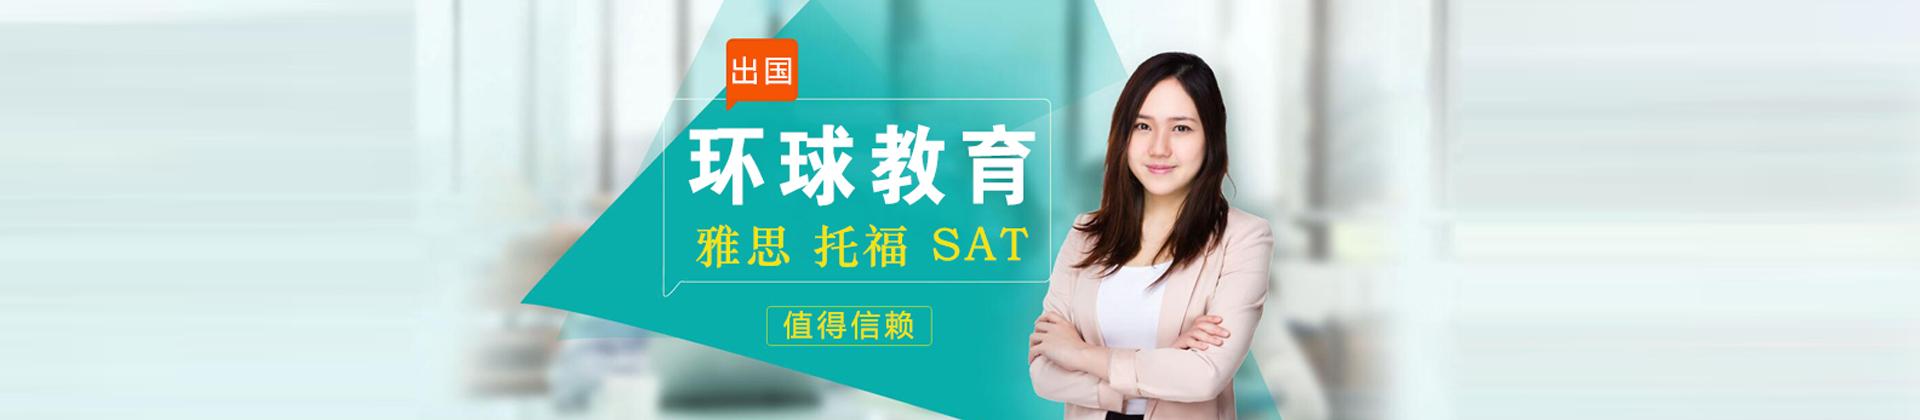 不斷地為中國學習者提供專業優質的課程服務